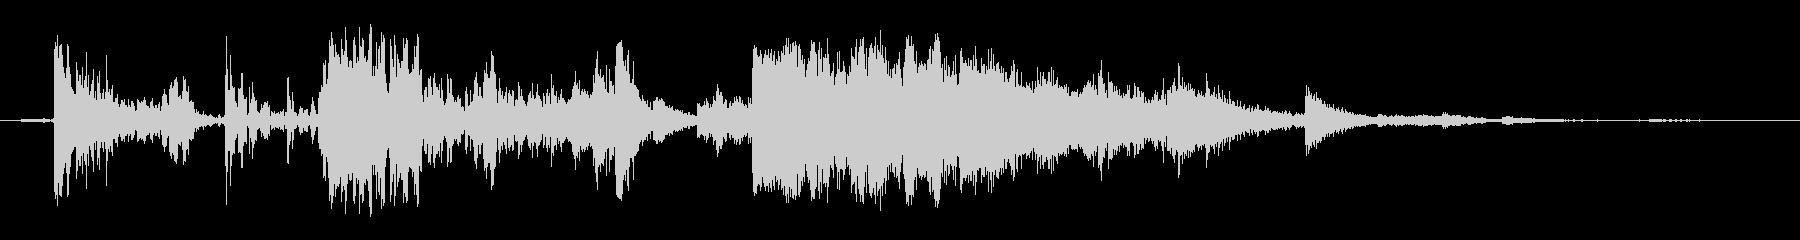 混合ジャンククラッシュの未再生の波形